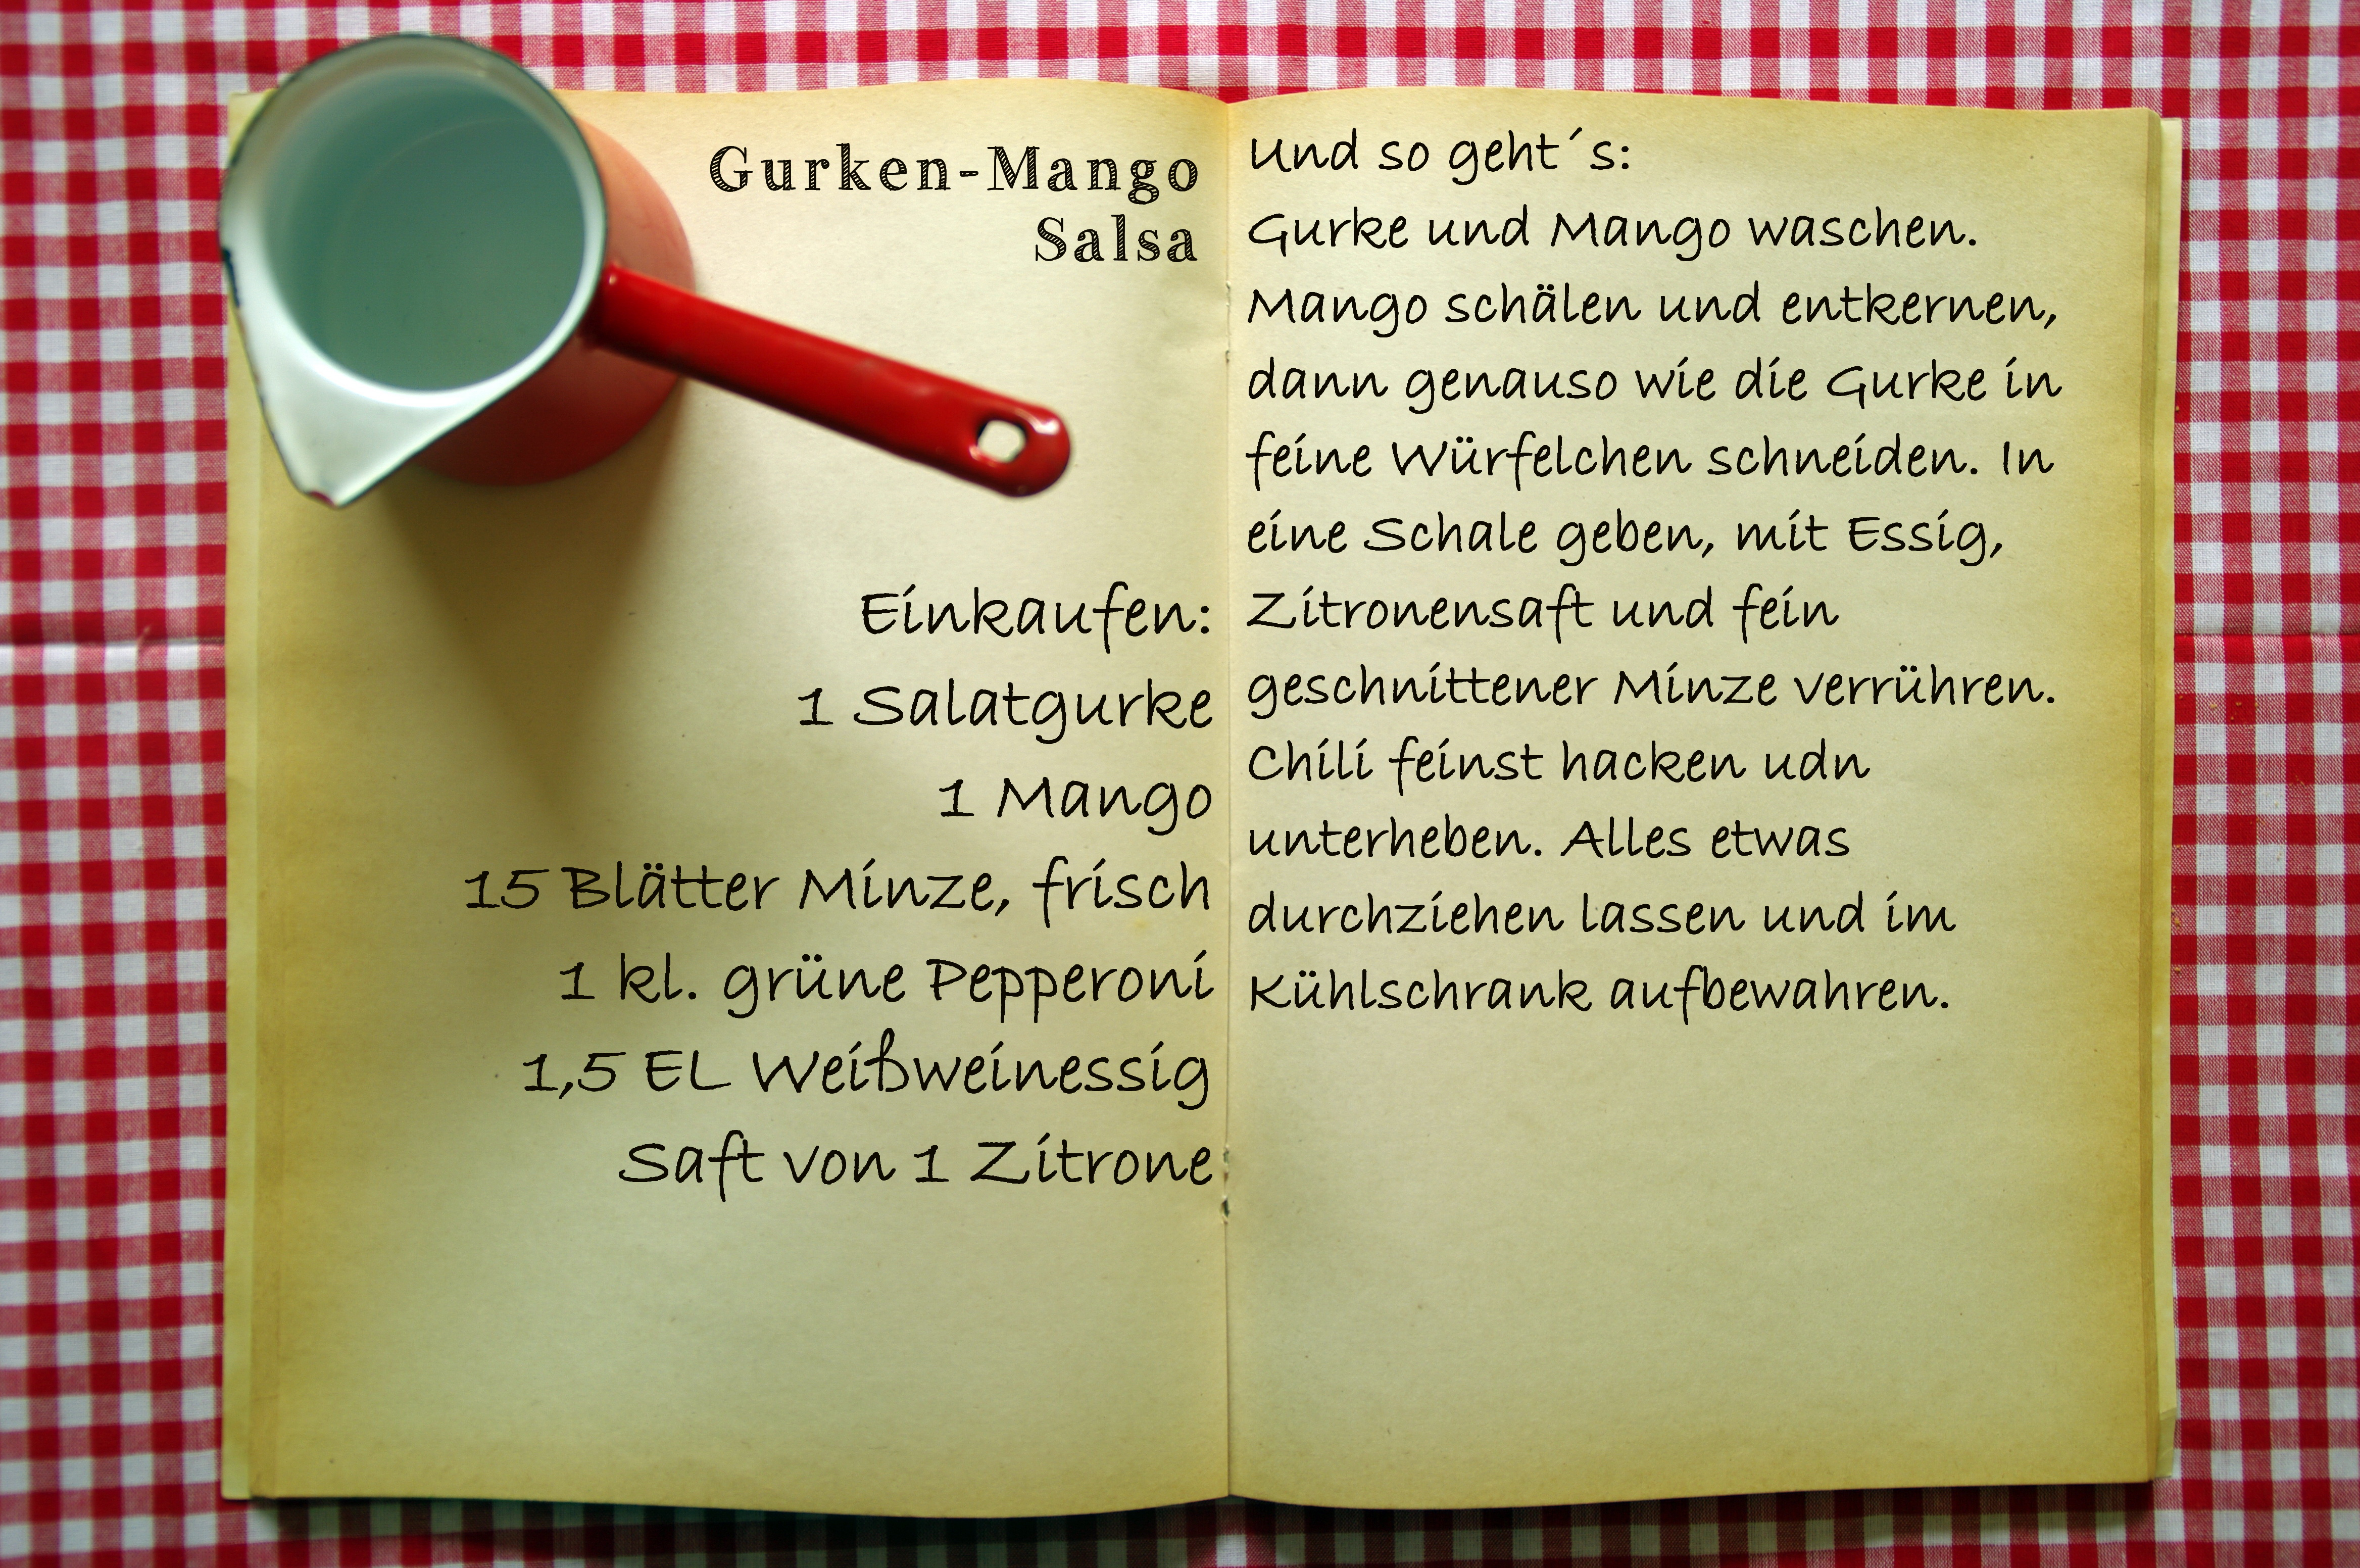 Einkaufszettel Gurken Mango Salsa by Glasgeflüster